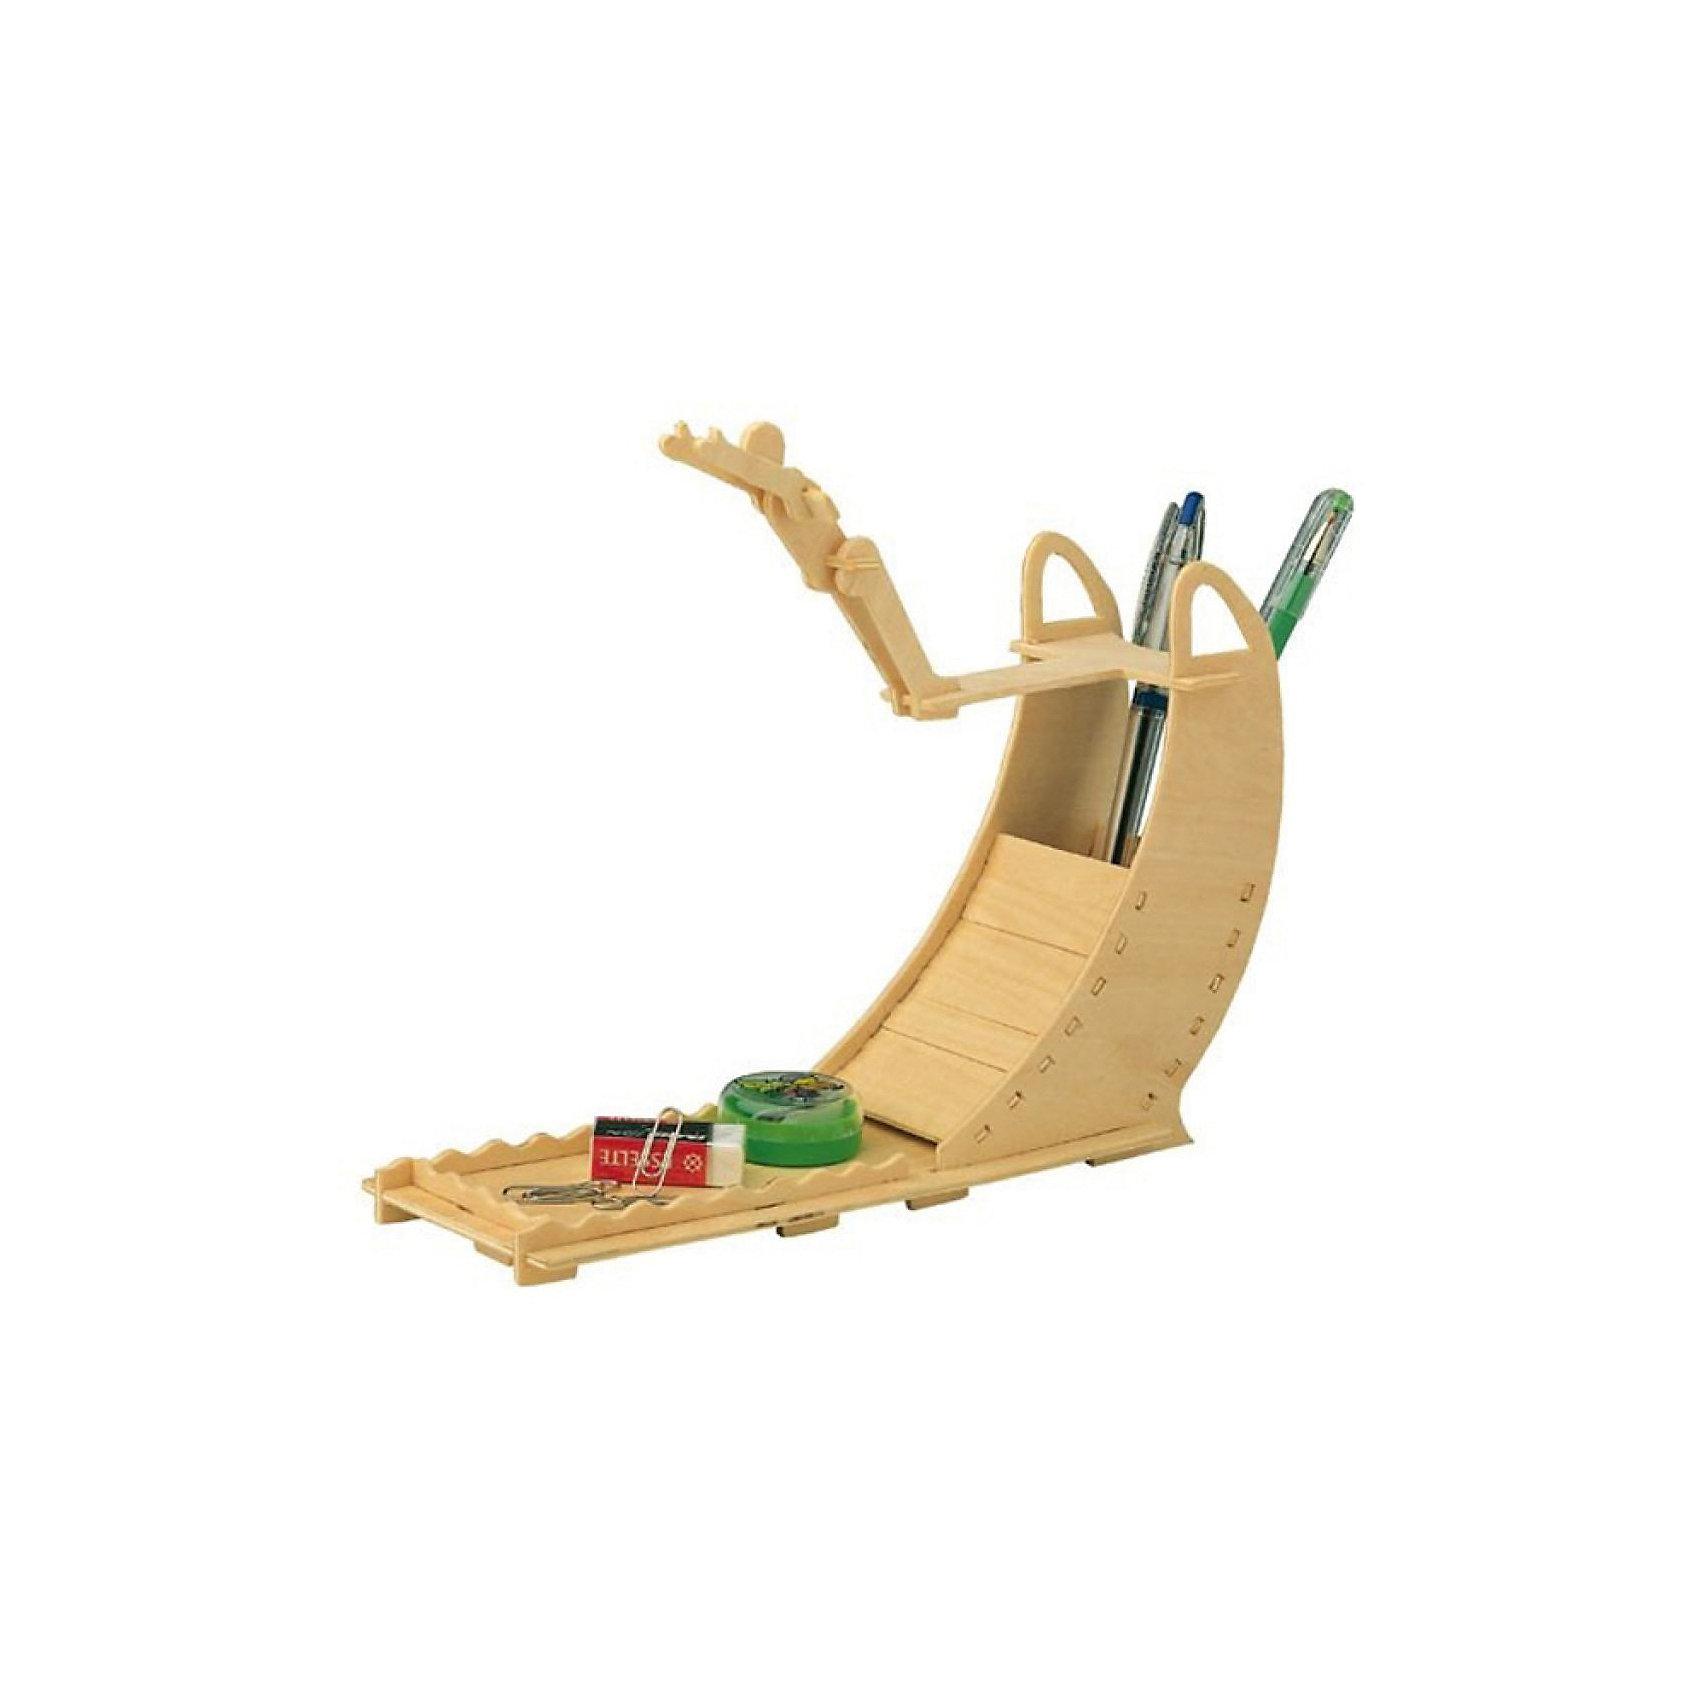 МДИ Ныряльщик, Мир деревянных игрушек игрушка мир деревянных игрушек лабиринт слон д345